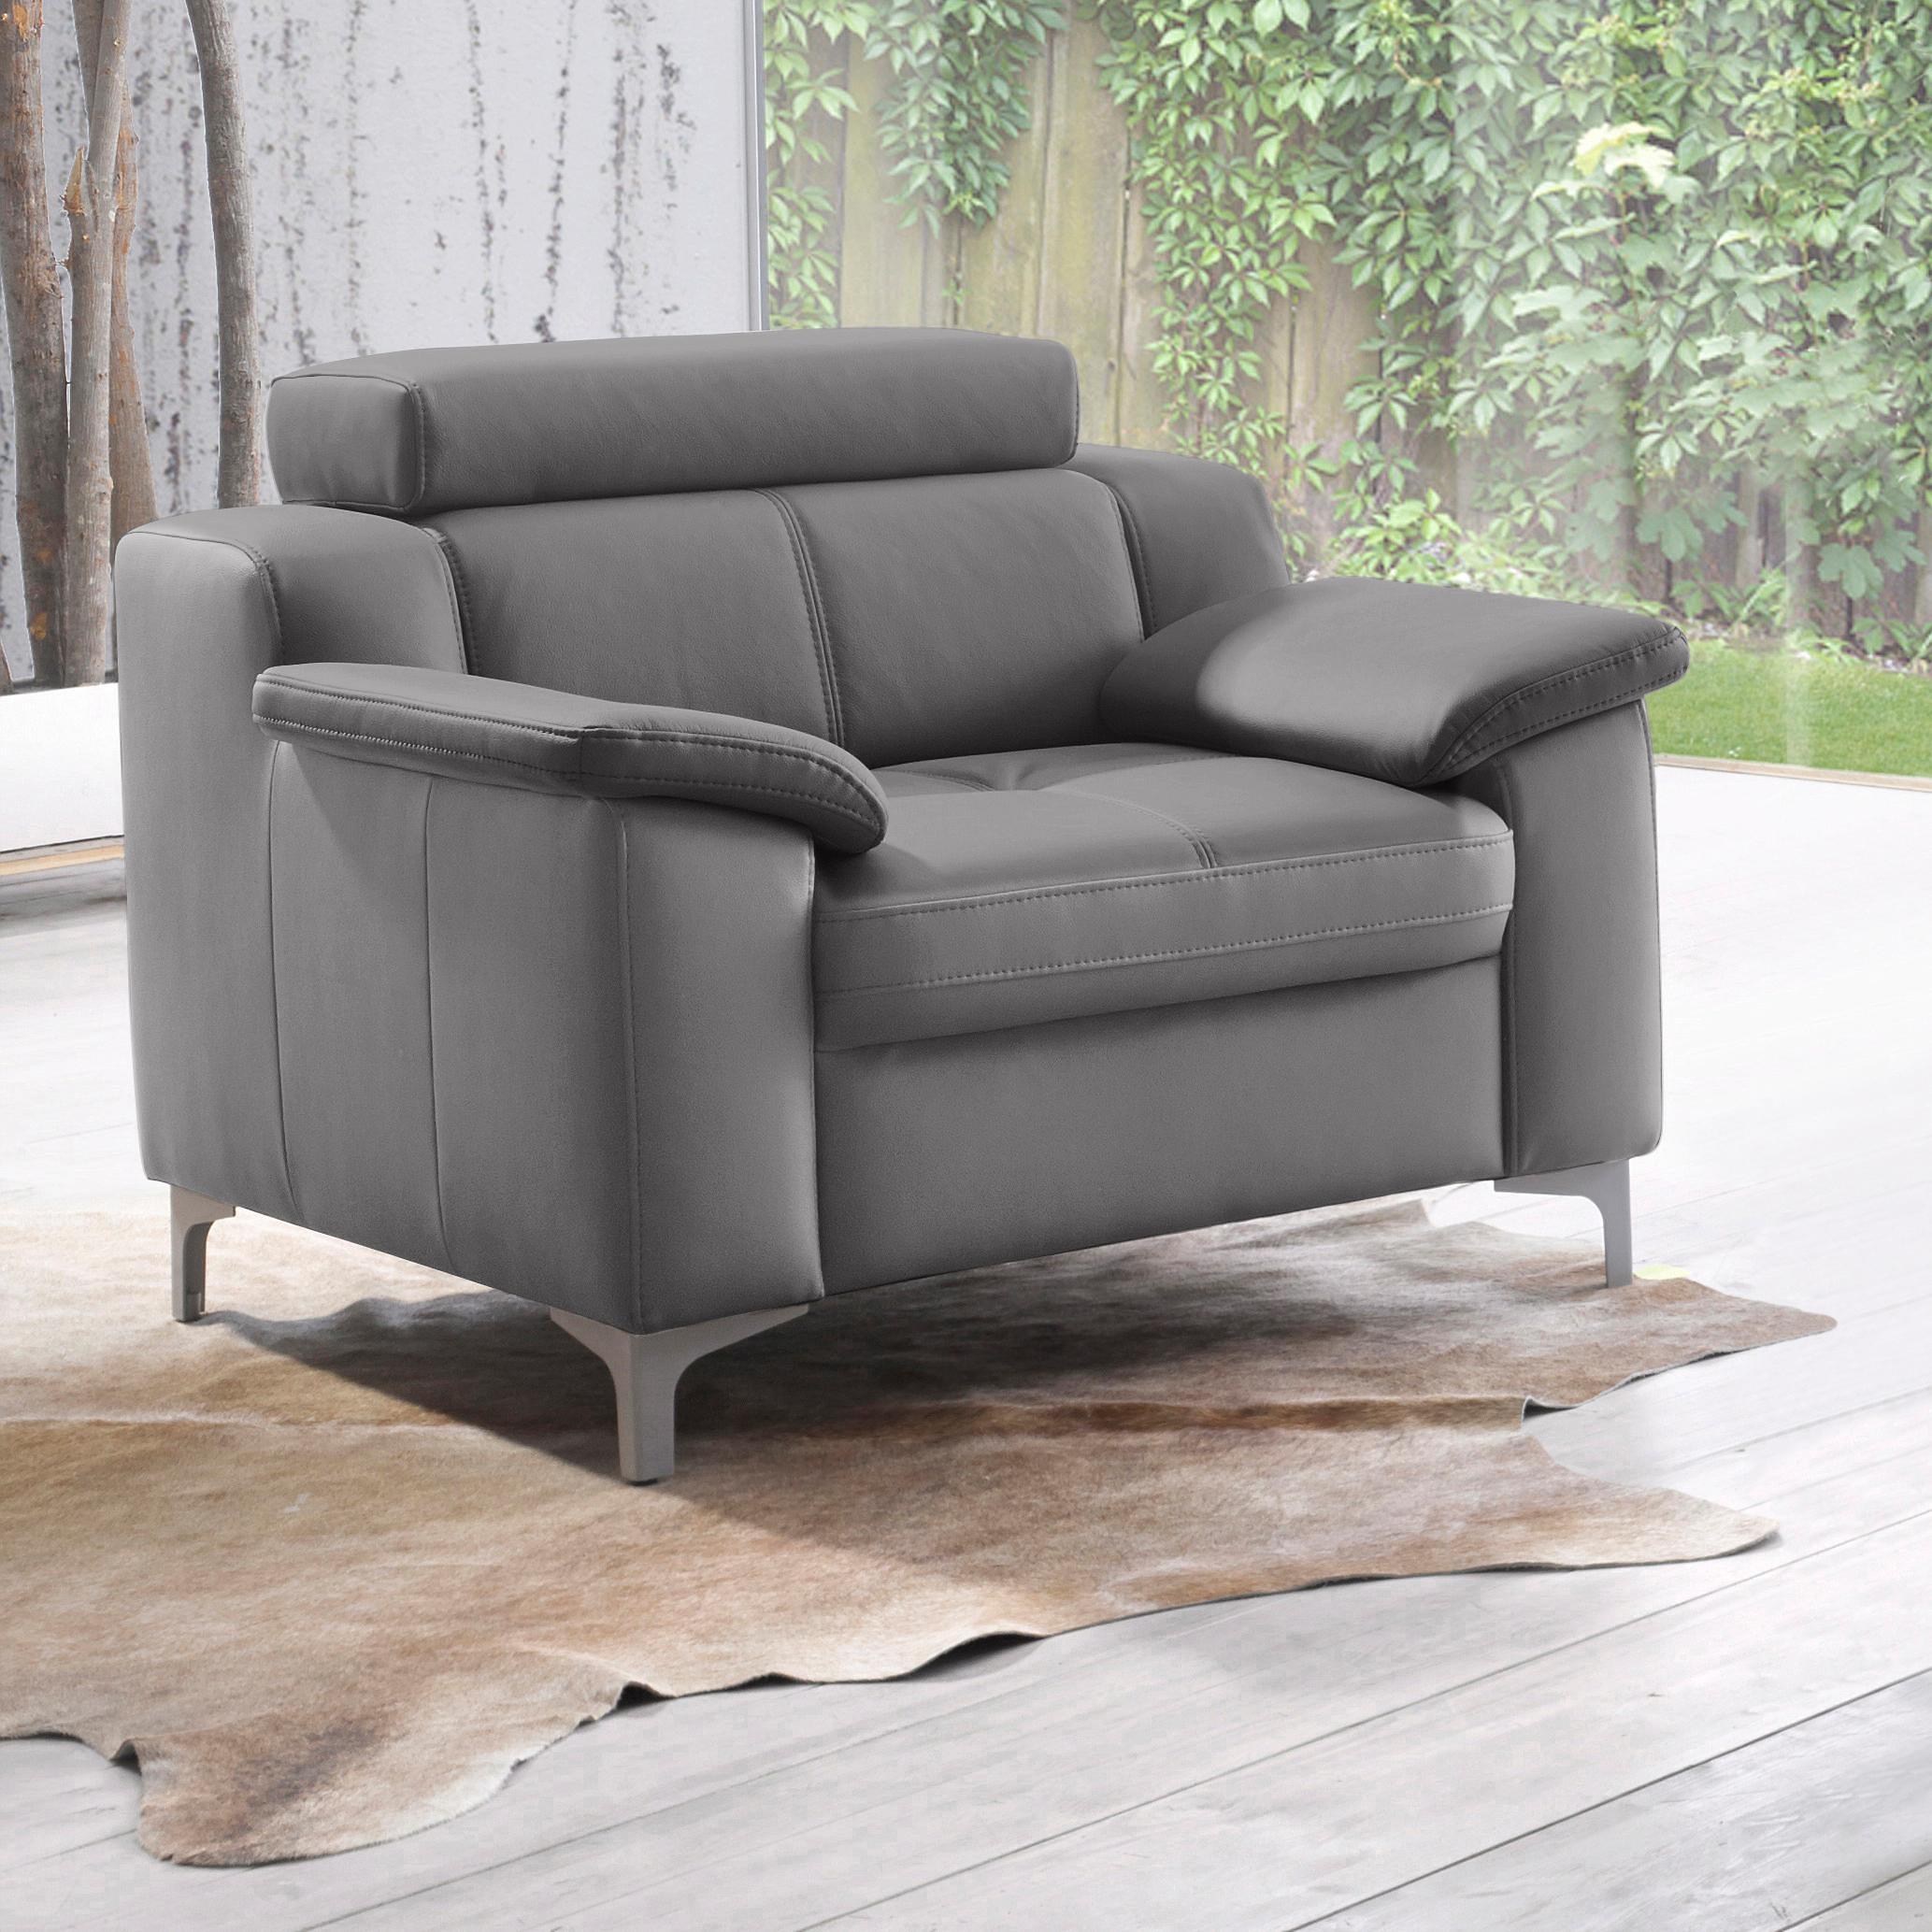 Exxpo - Sofa Fashion Exxpo by Gala fauteuil in de webshop van OTTO kopen